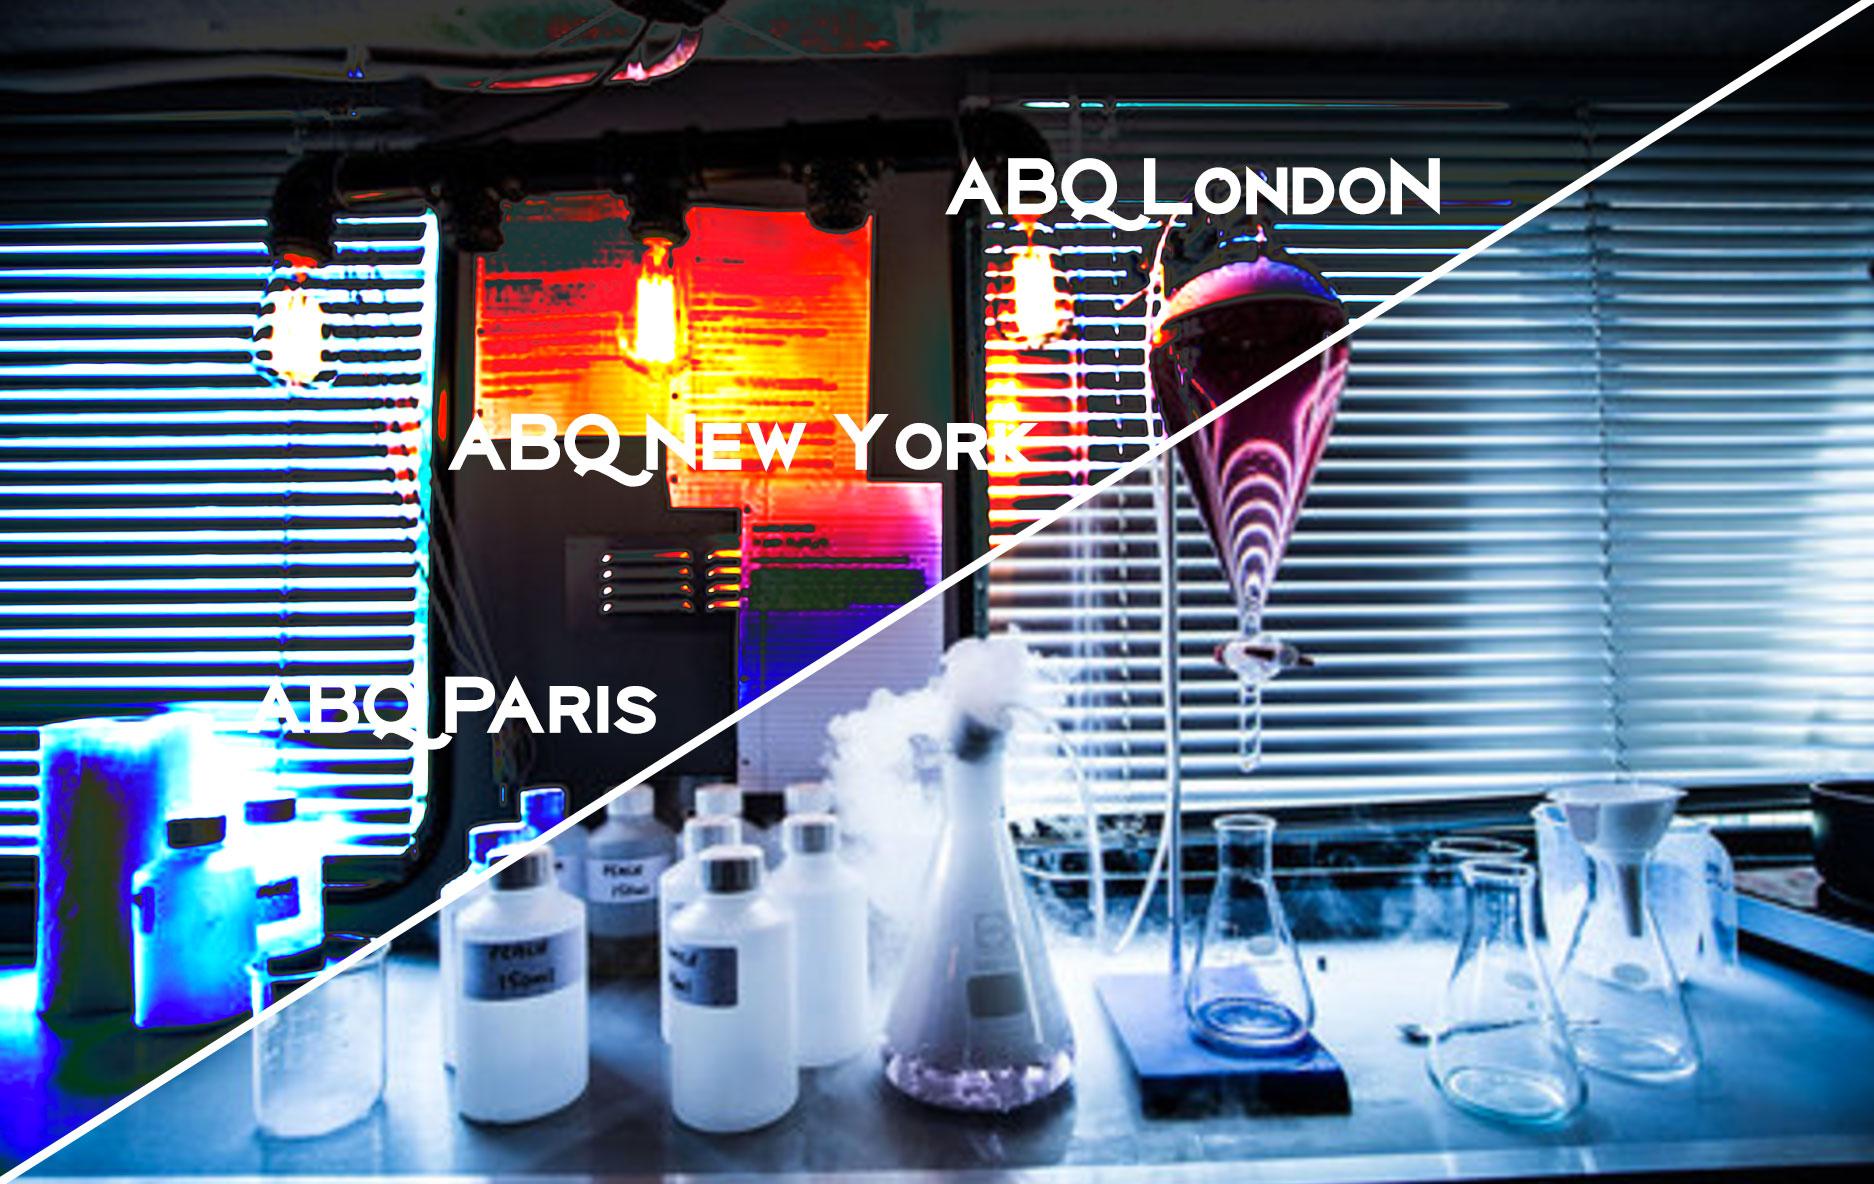 abqlondon-ny-paris.jpg